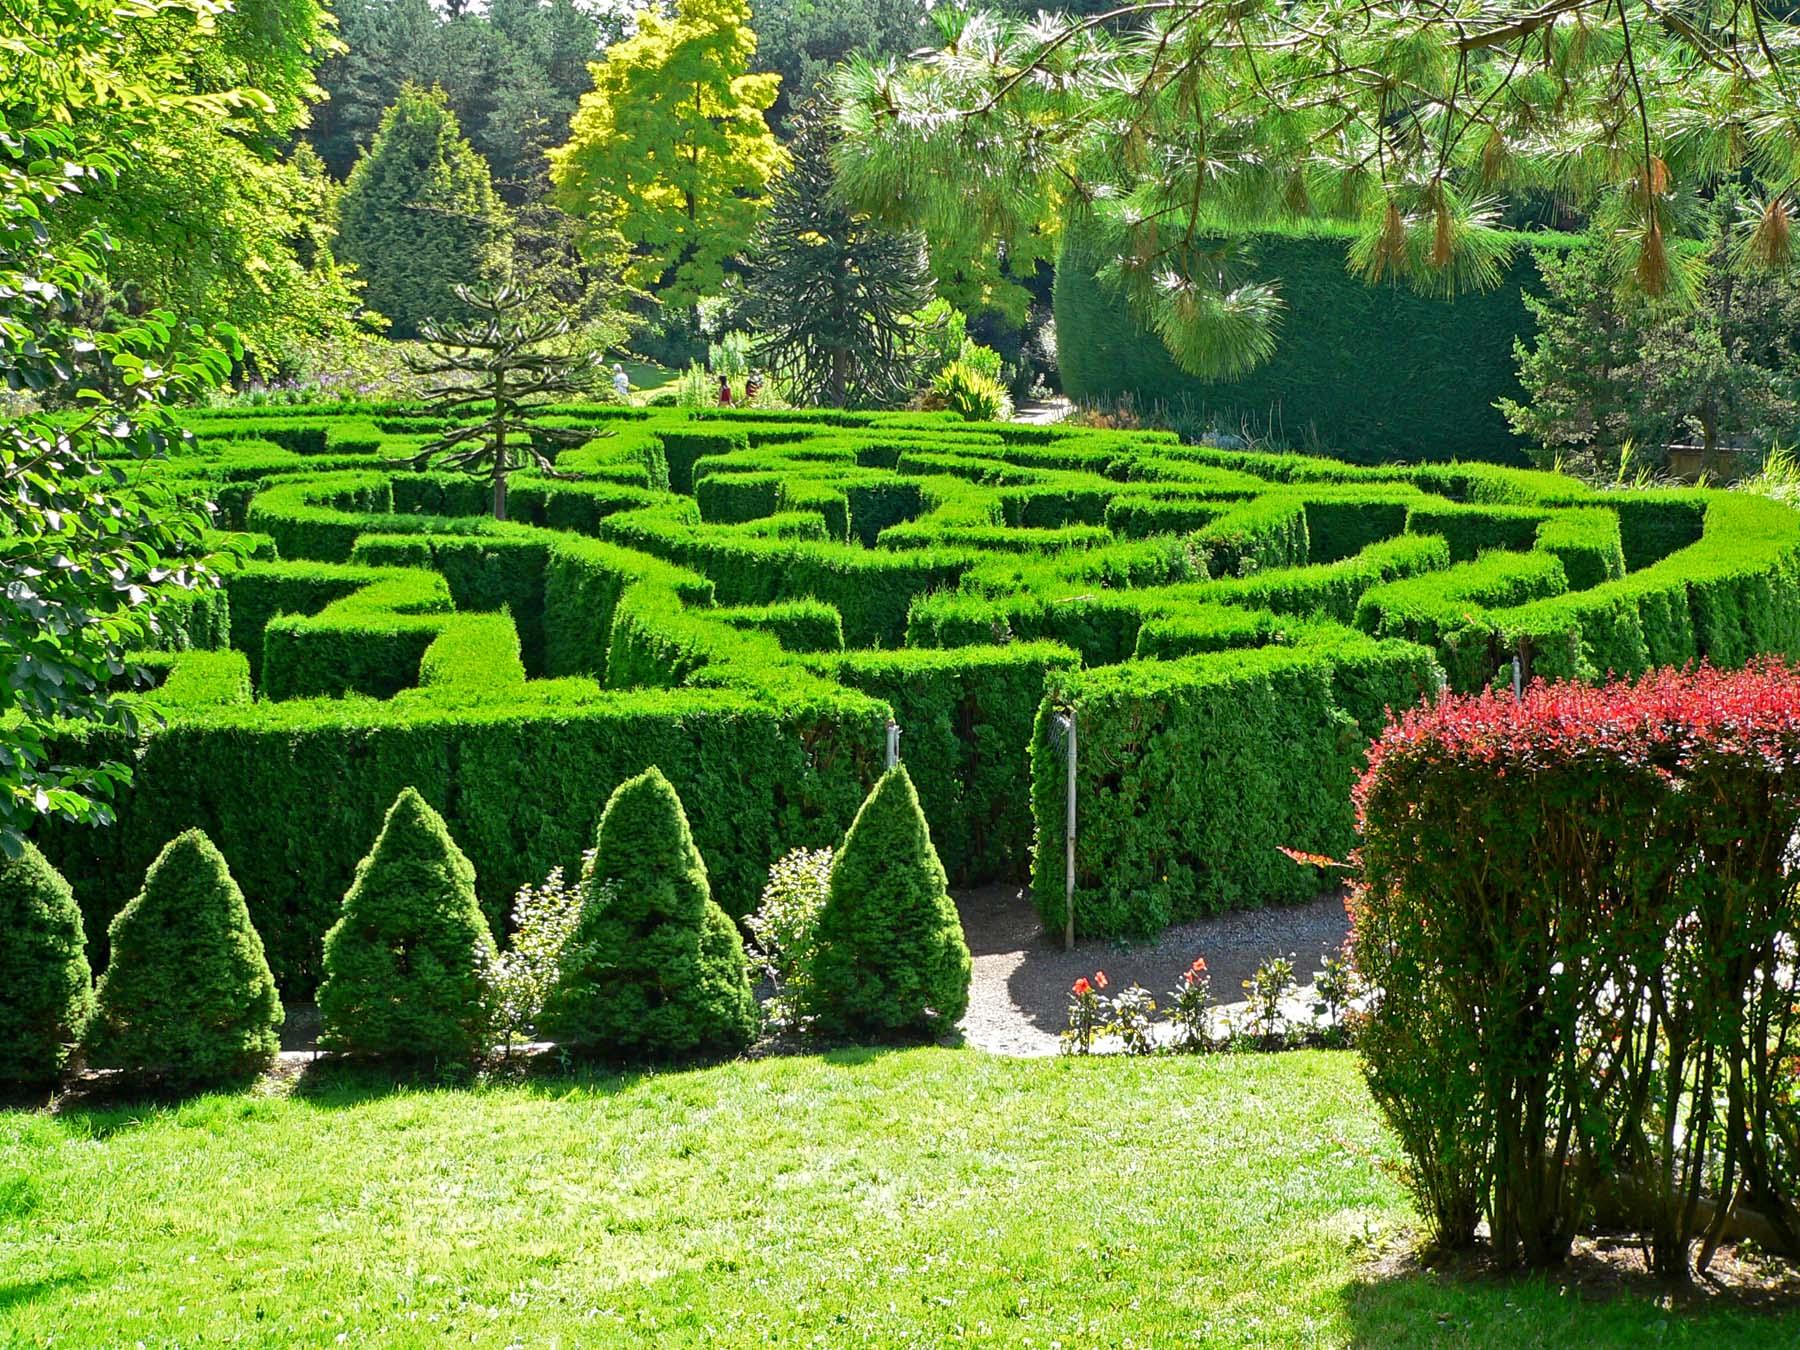 الحدائق المختلفة بداخل حدائق النباتات الملكية